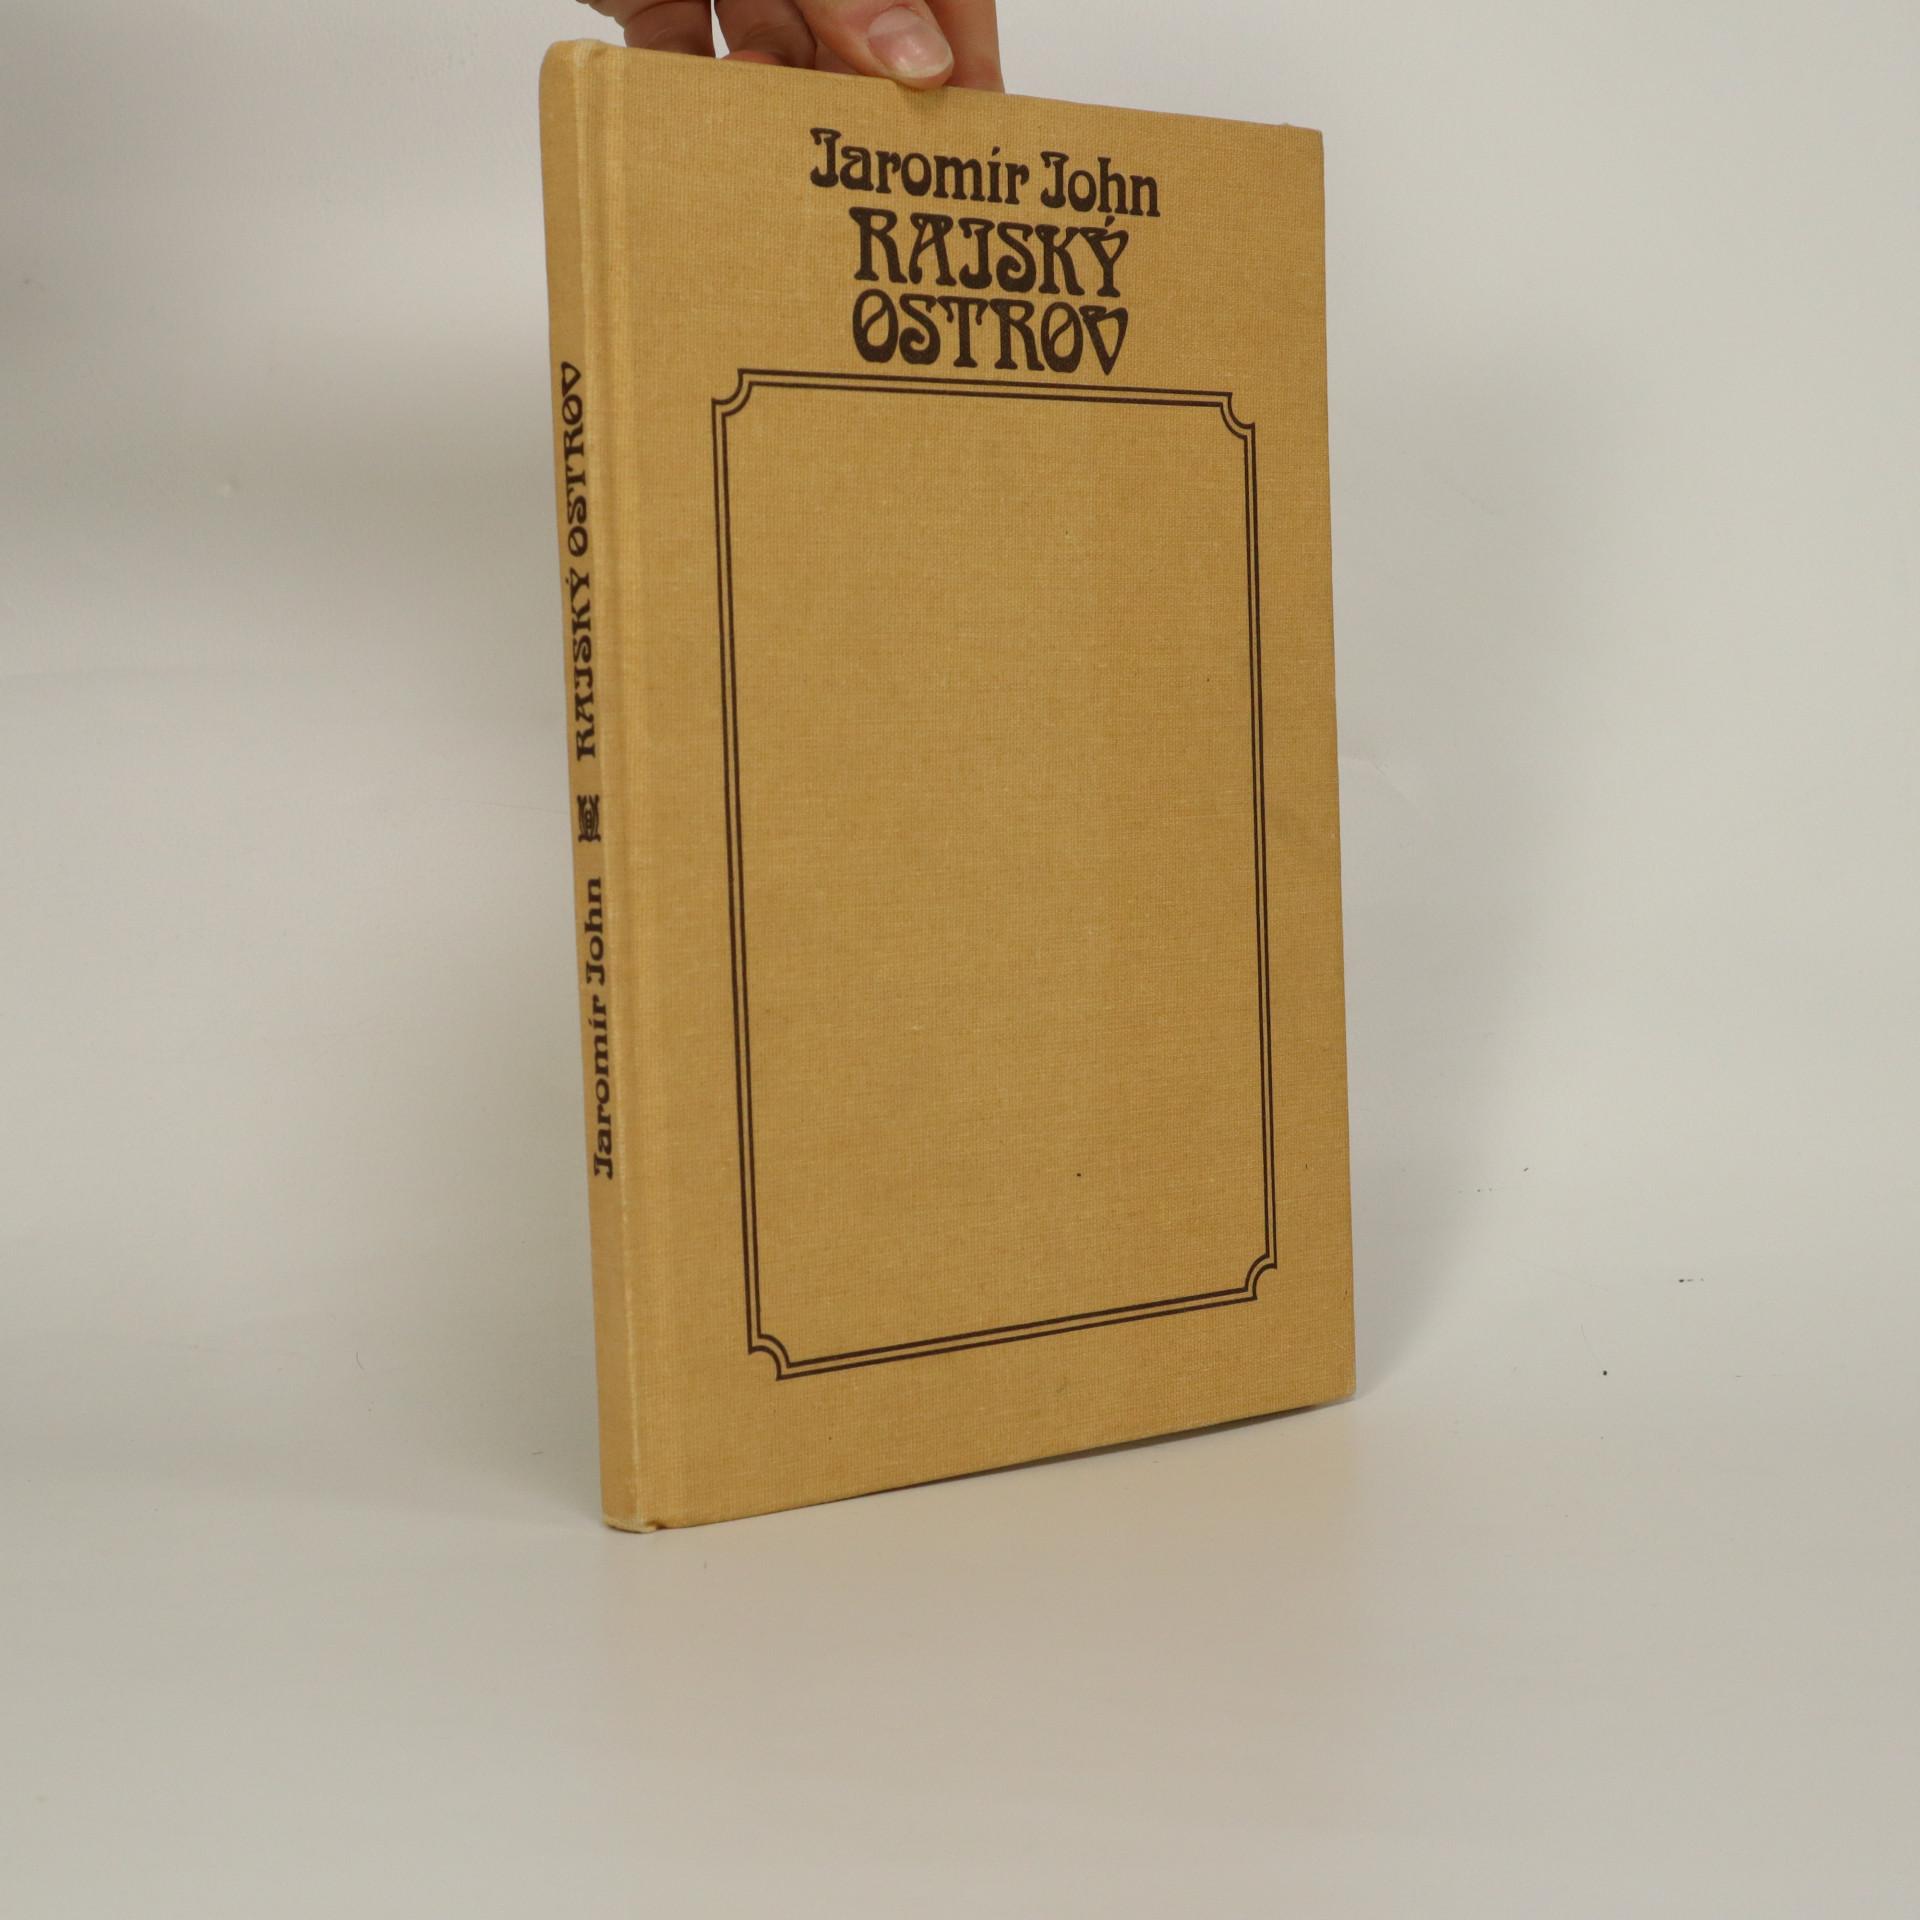 antikvární kniha Rajský ostrov, 1990